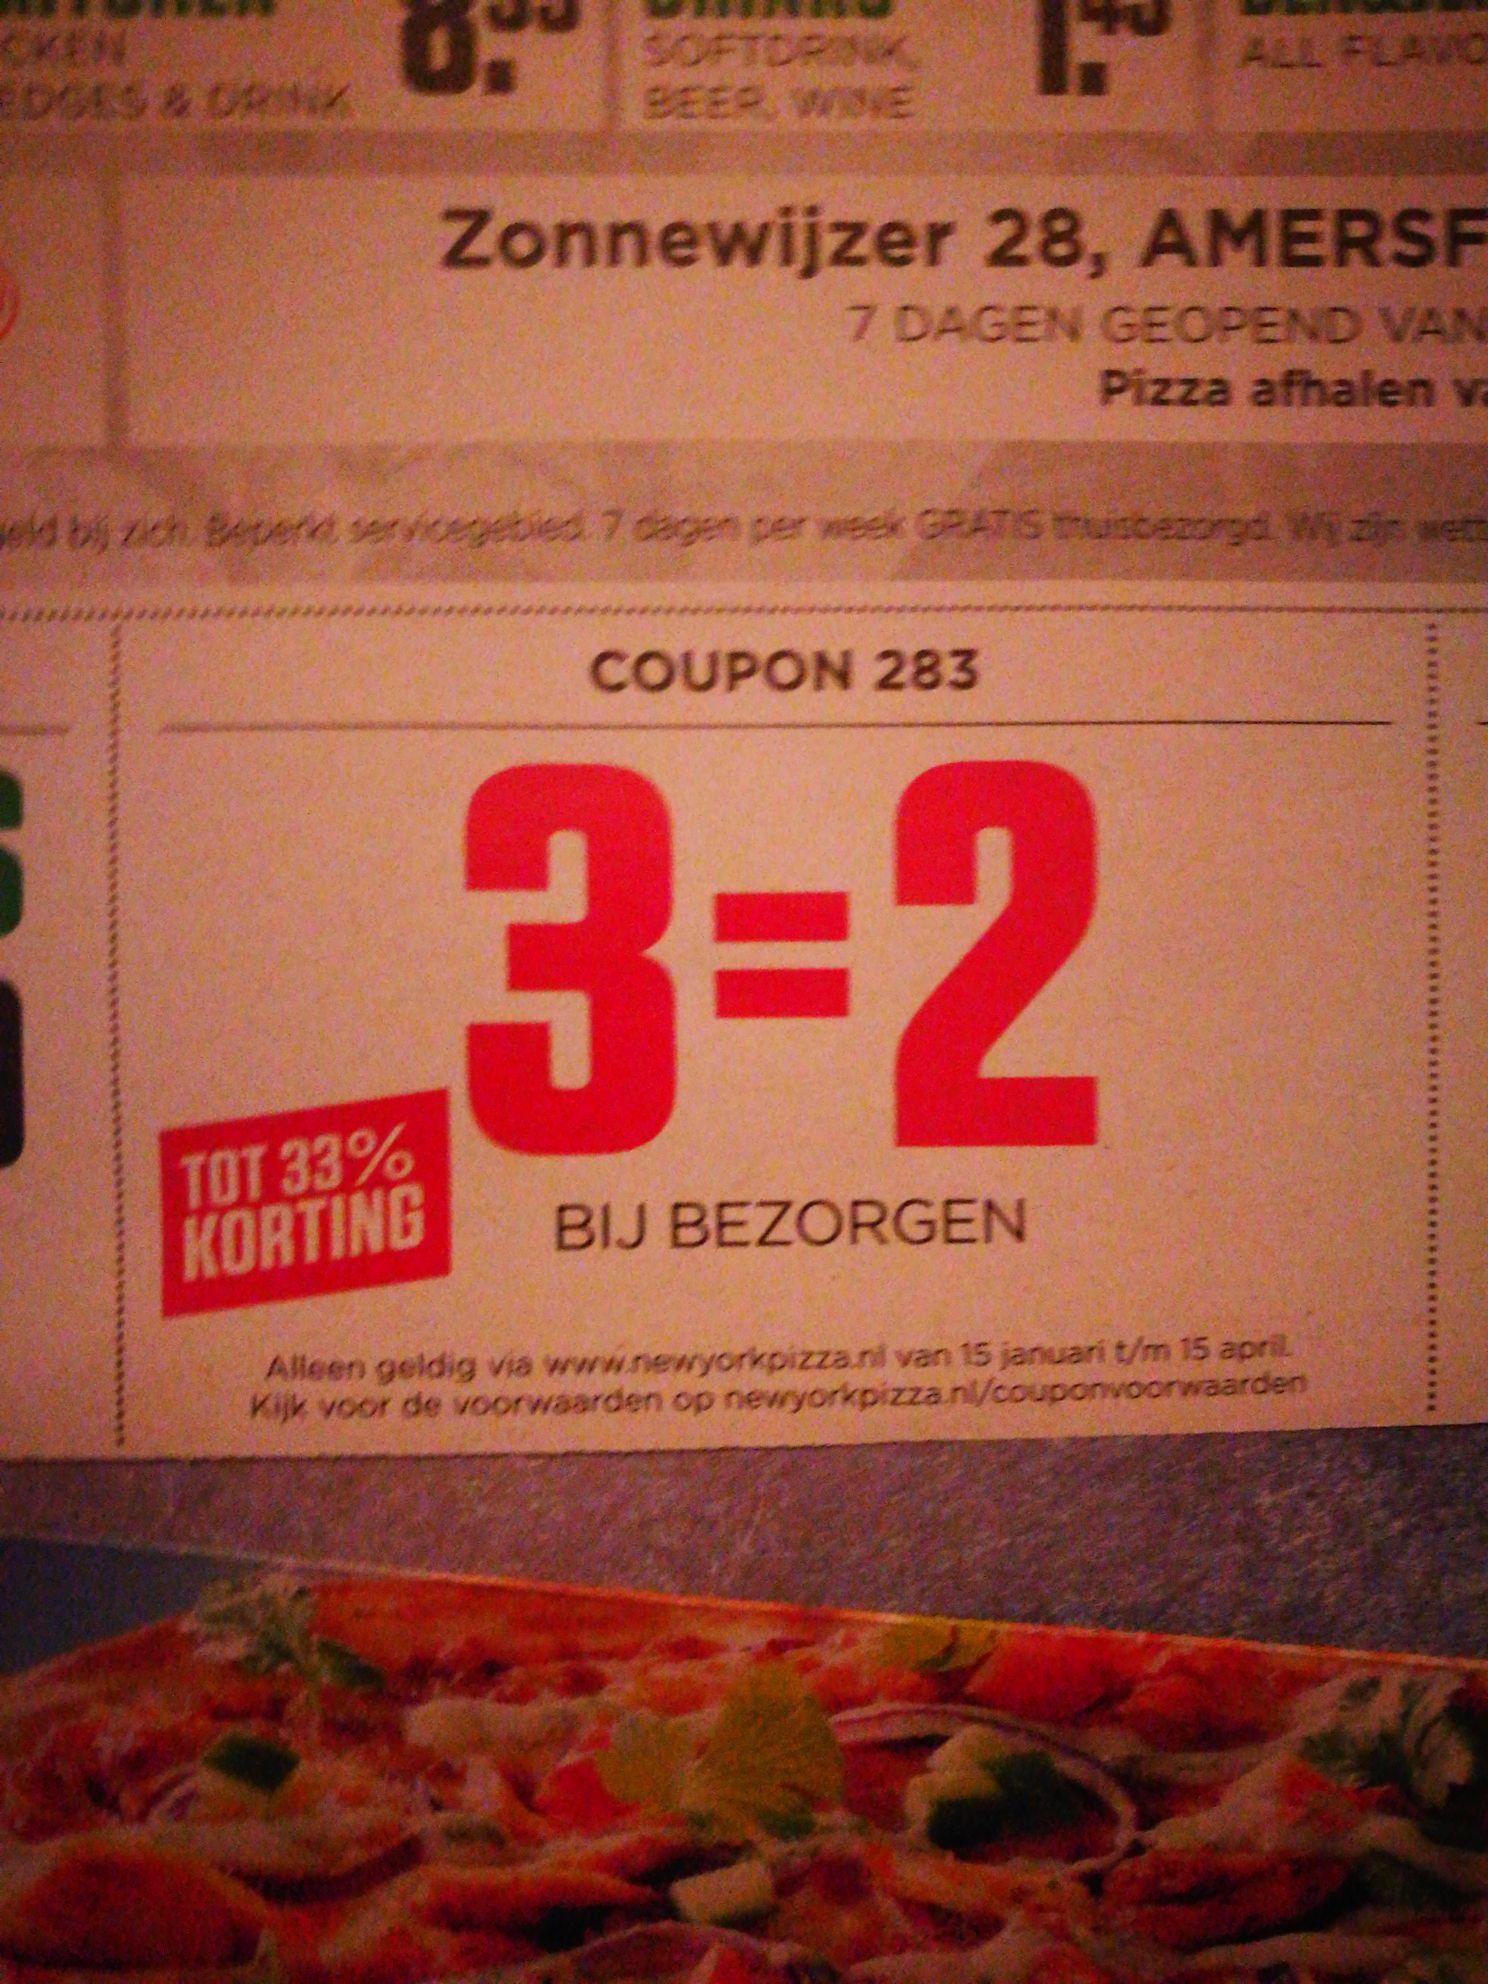 New York Pizza, 3 halen 2 betalen bij bezorging